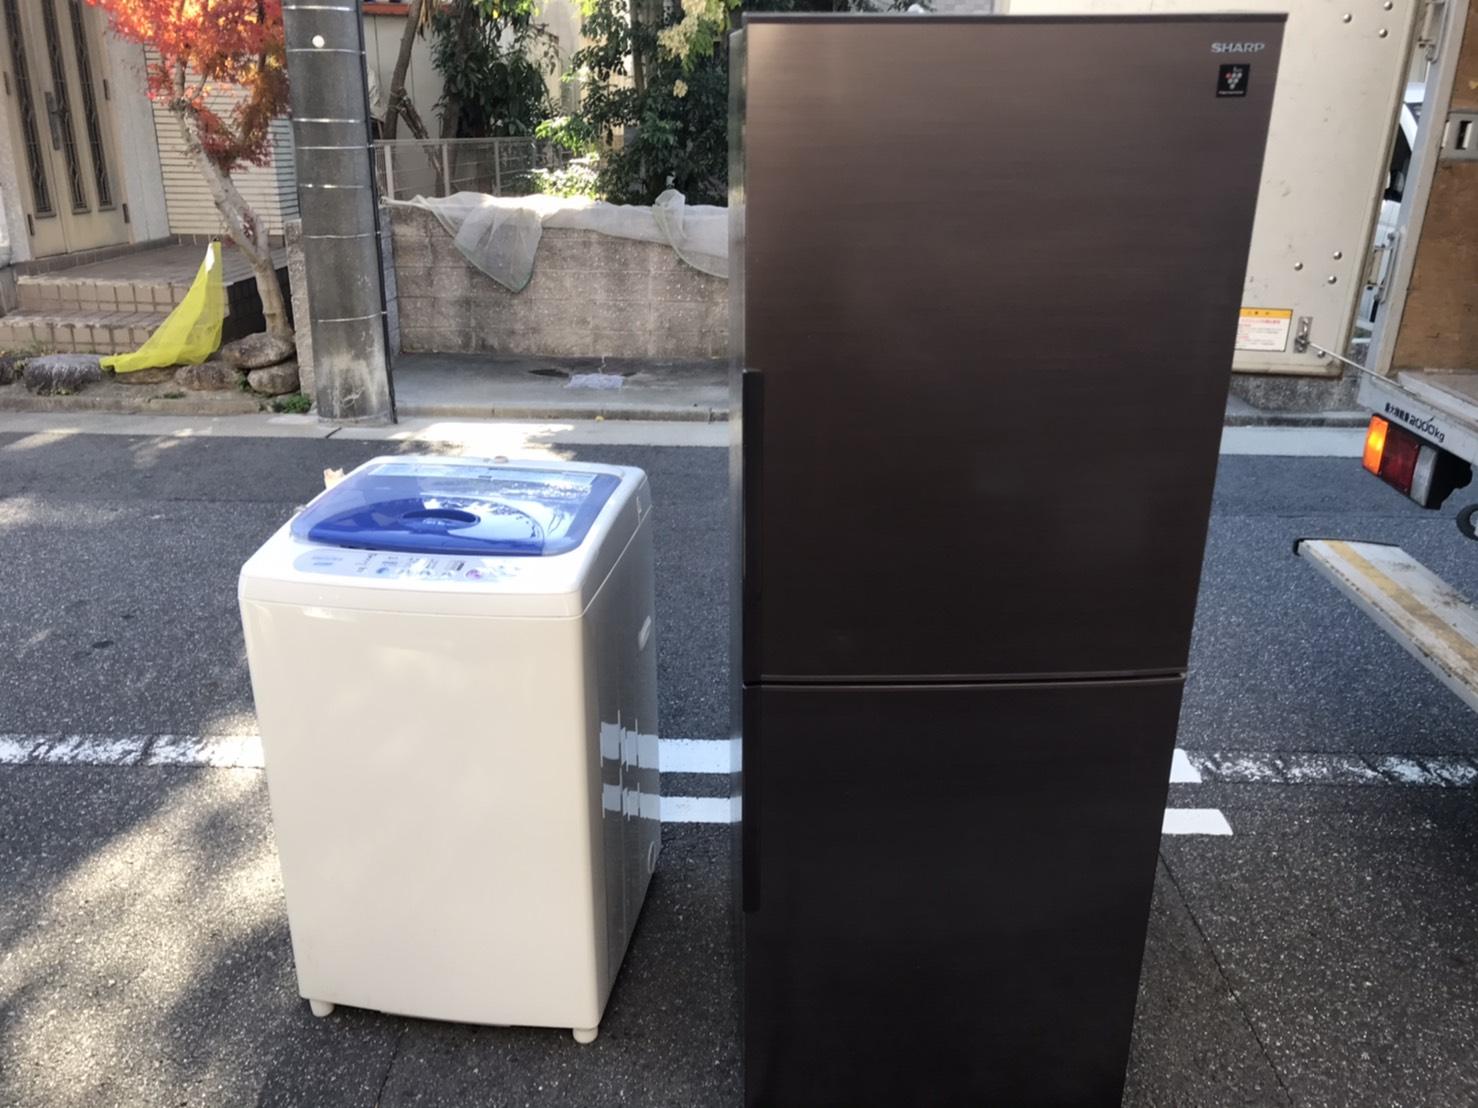 愛知県名古屋市の冷蔵庫・冷凍庫の回収前